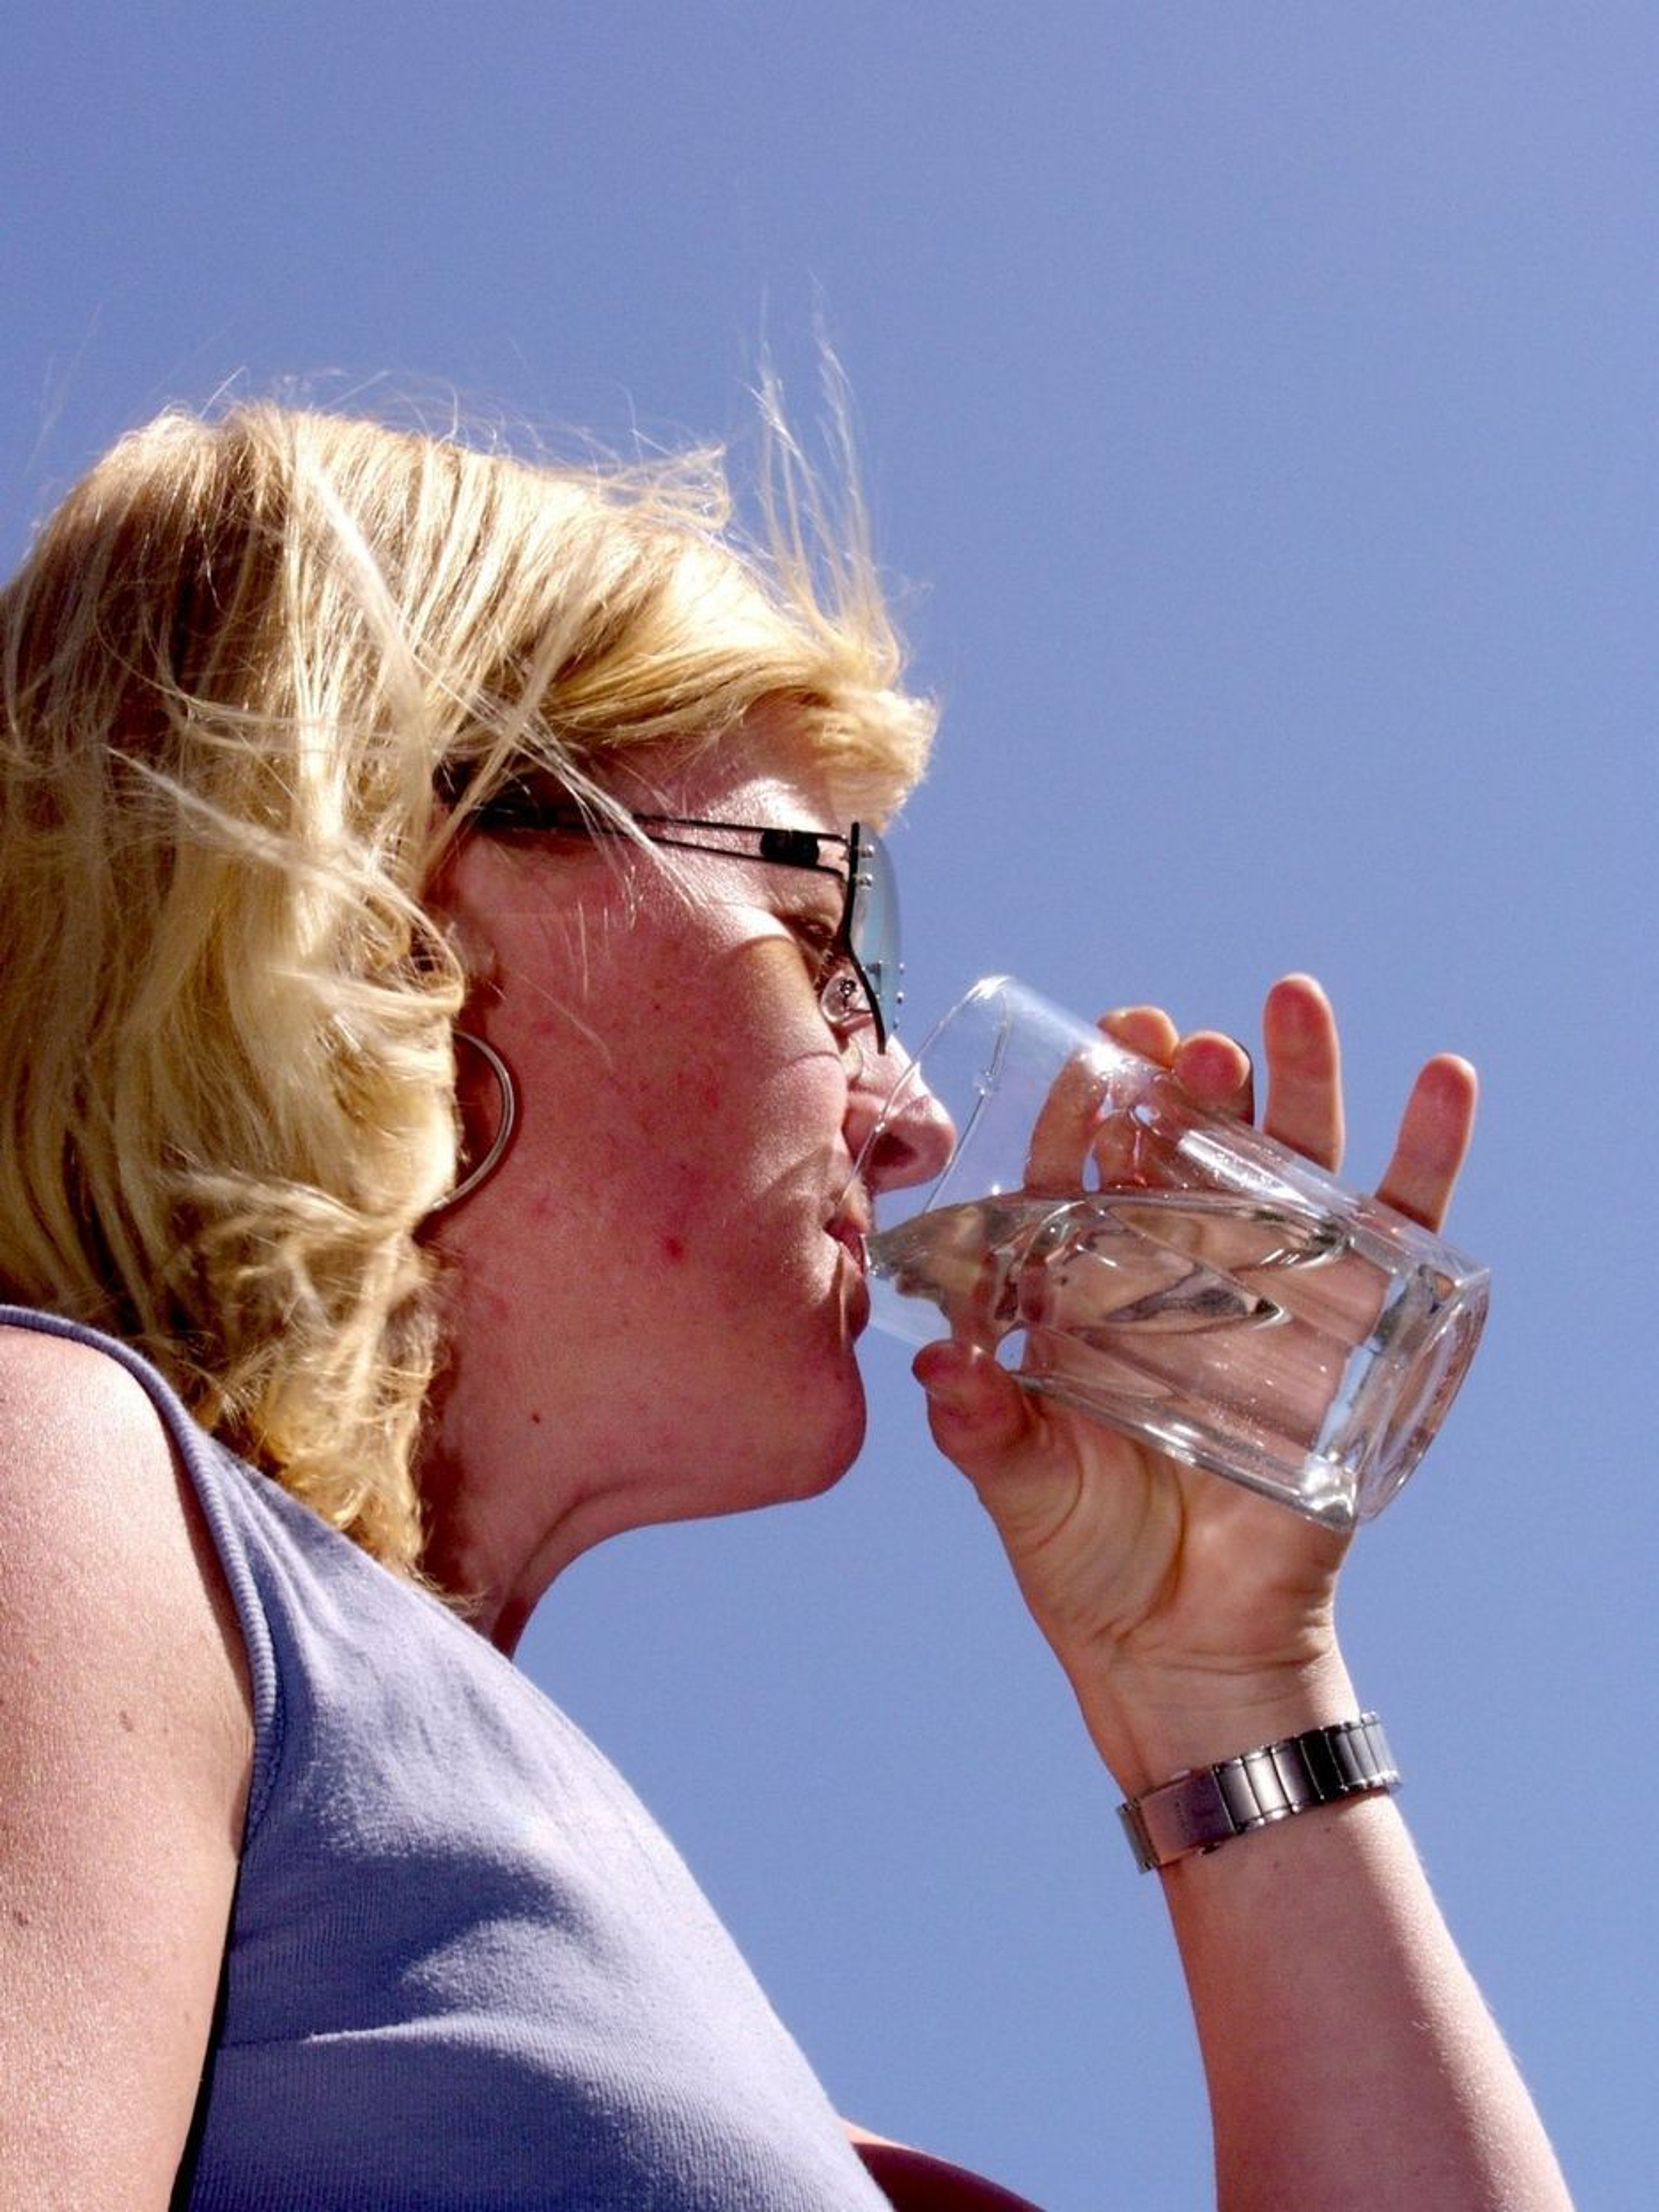 ADVARER: Store lekkasjer på vannledningene kan føre til innsig av avløpsvann i drikkevannet, advarer Direktoratet for samfunnssikkerhet og beredskap.